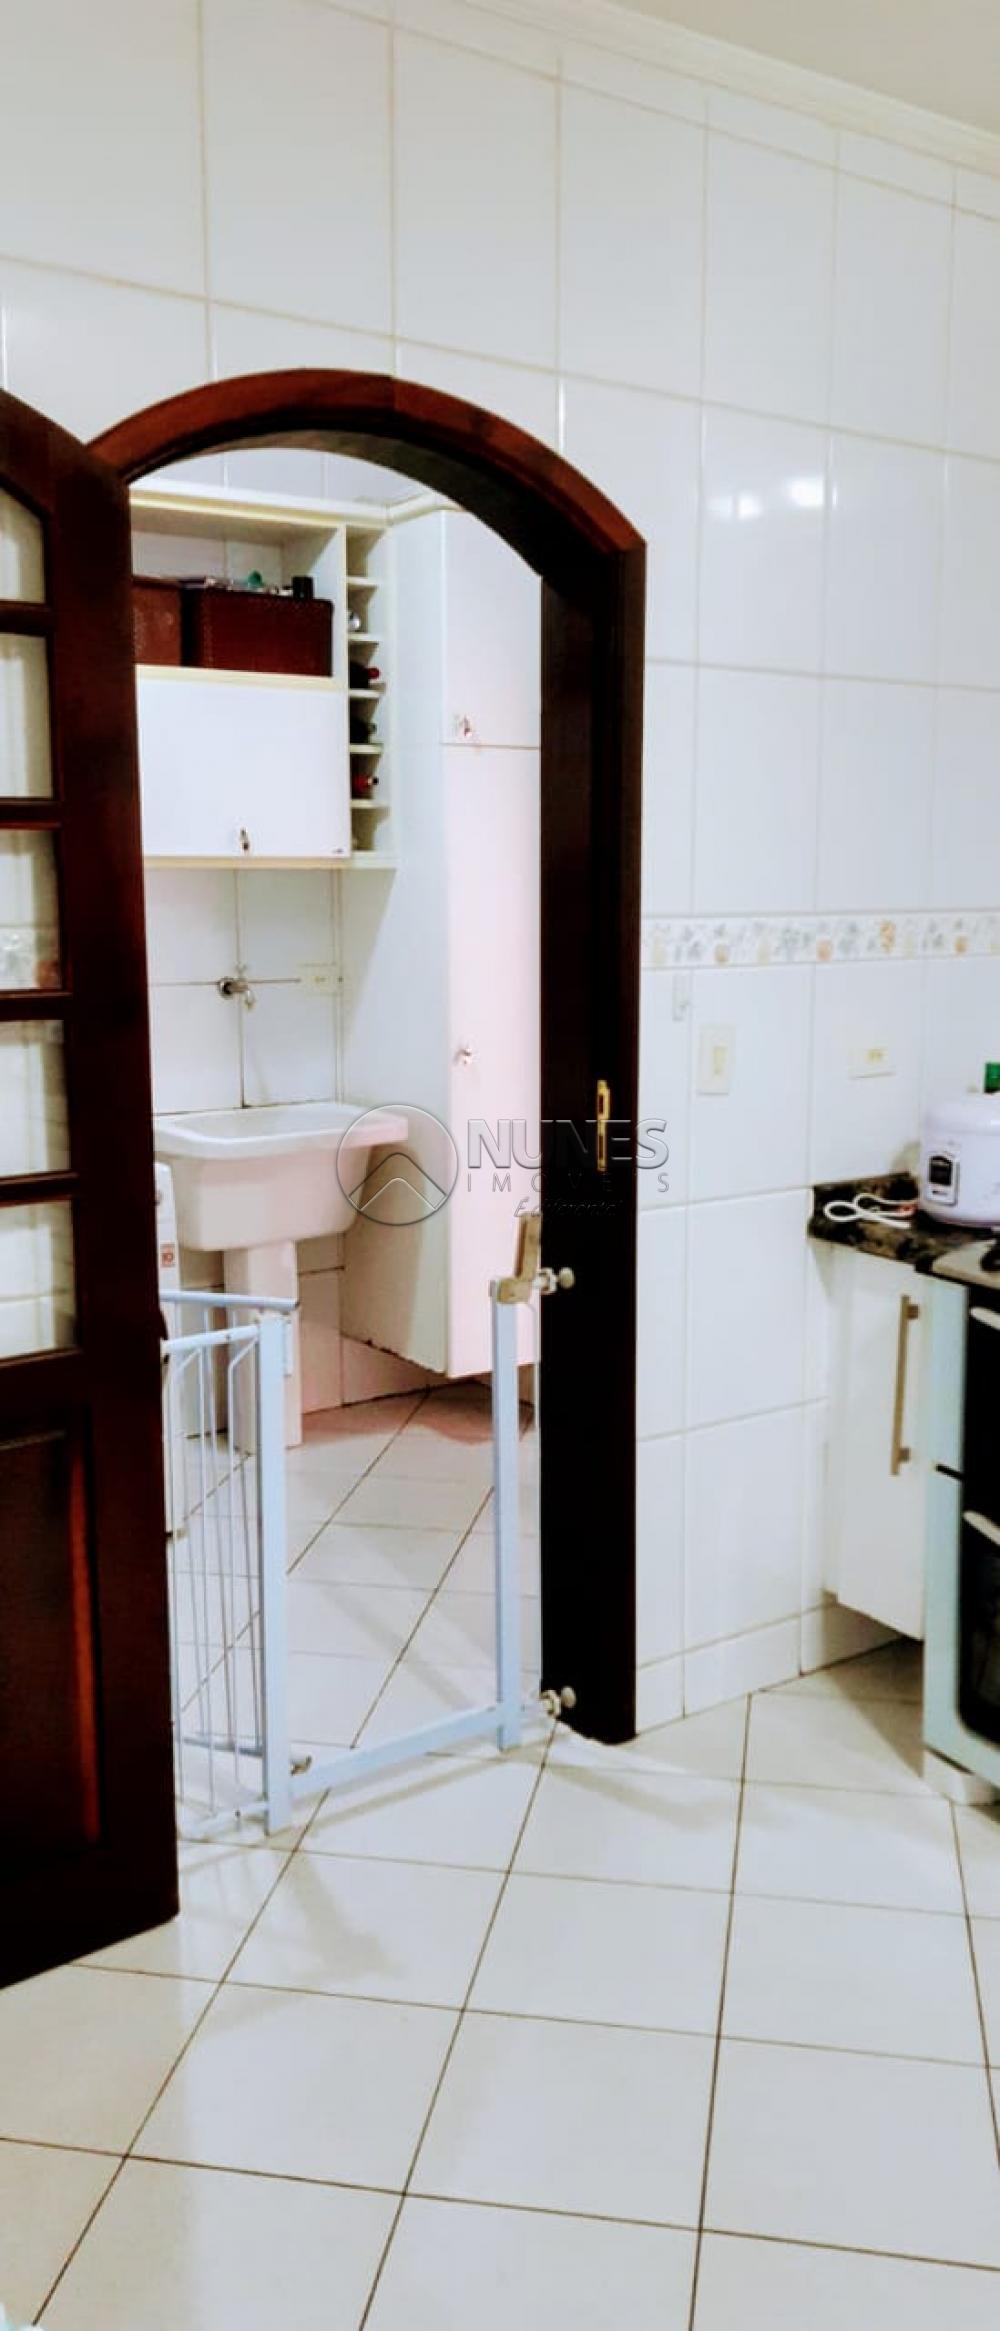 Comprar Casa / Assobradada em Osasco apenas R$ 800.000,00 - Foto 12